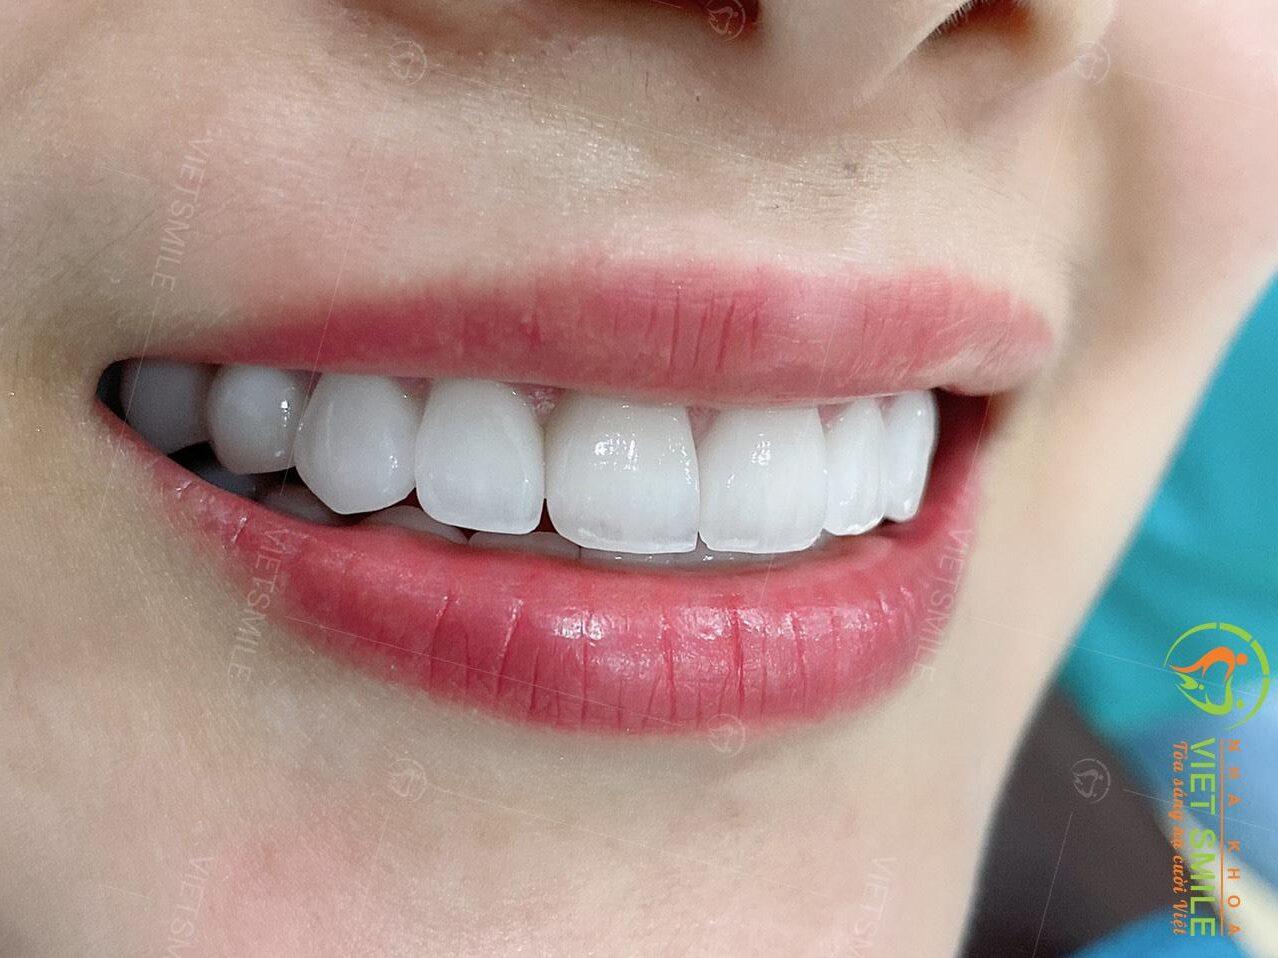 Xử lý răng thưa an toàn hiệu quả